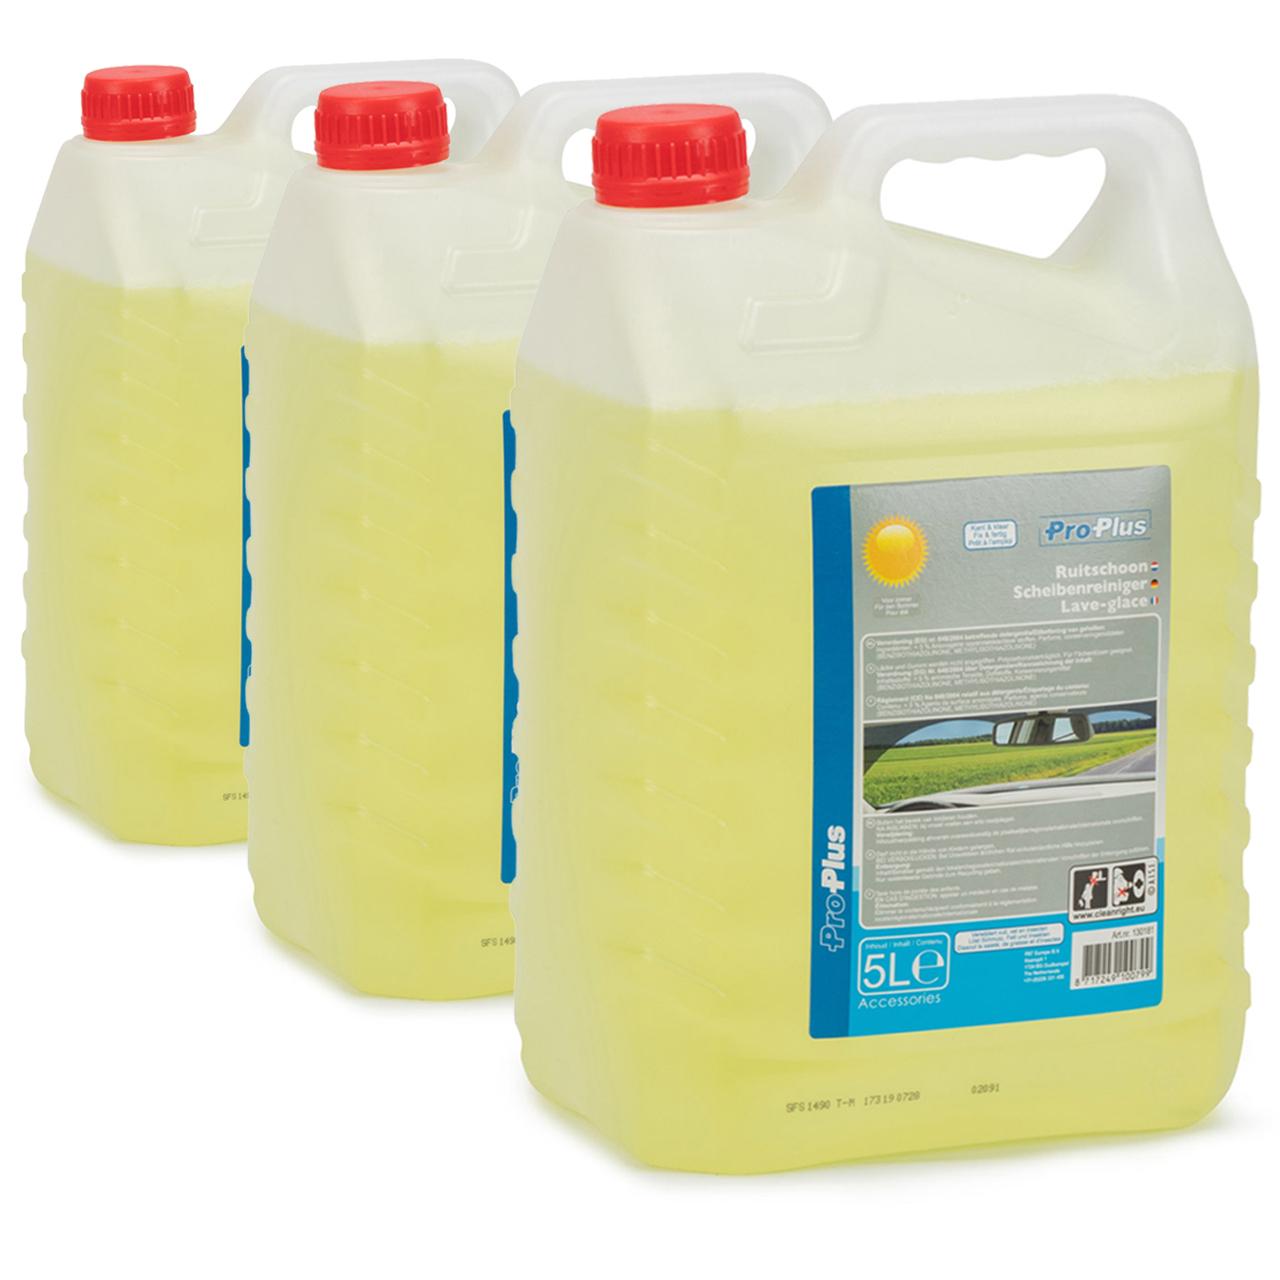 PROPLUS 130181 Scheibenreiniger Scheibenwischwasser Sommer Fertigmix 3x 5 Liter